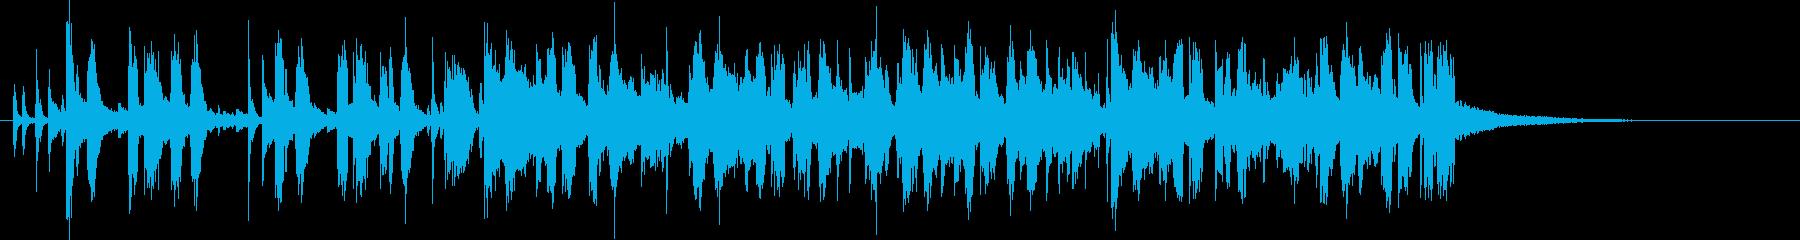 60年代風サスペンス映画のオープニングの再生済みの波形